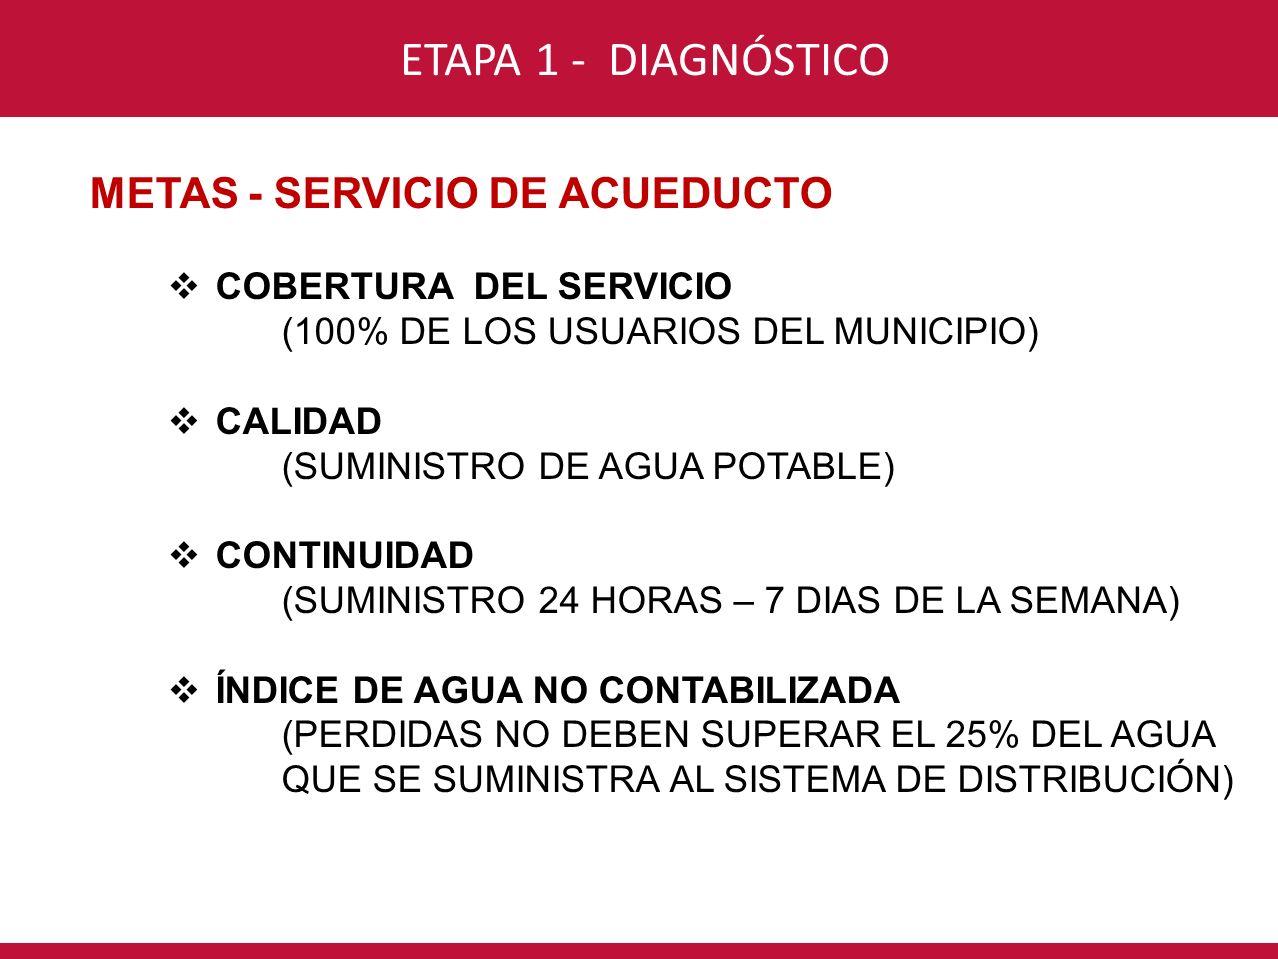 CONSORCIO INTERVENTORÍA POR UN NUEVO VALLE ETAPA 1 - DIAGNÓSTICO